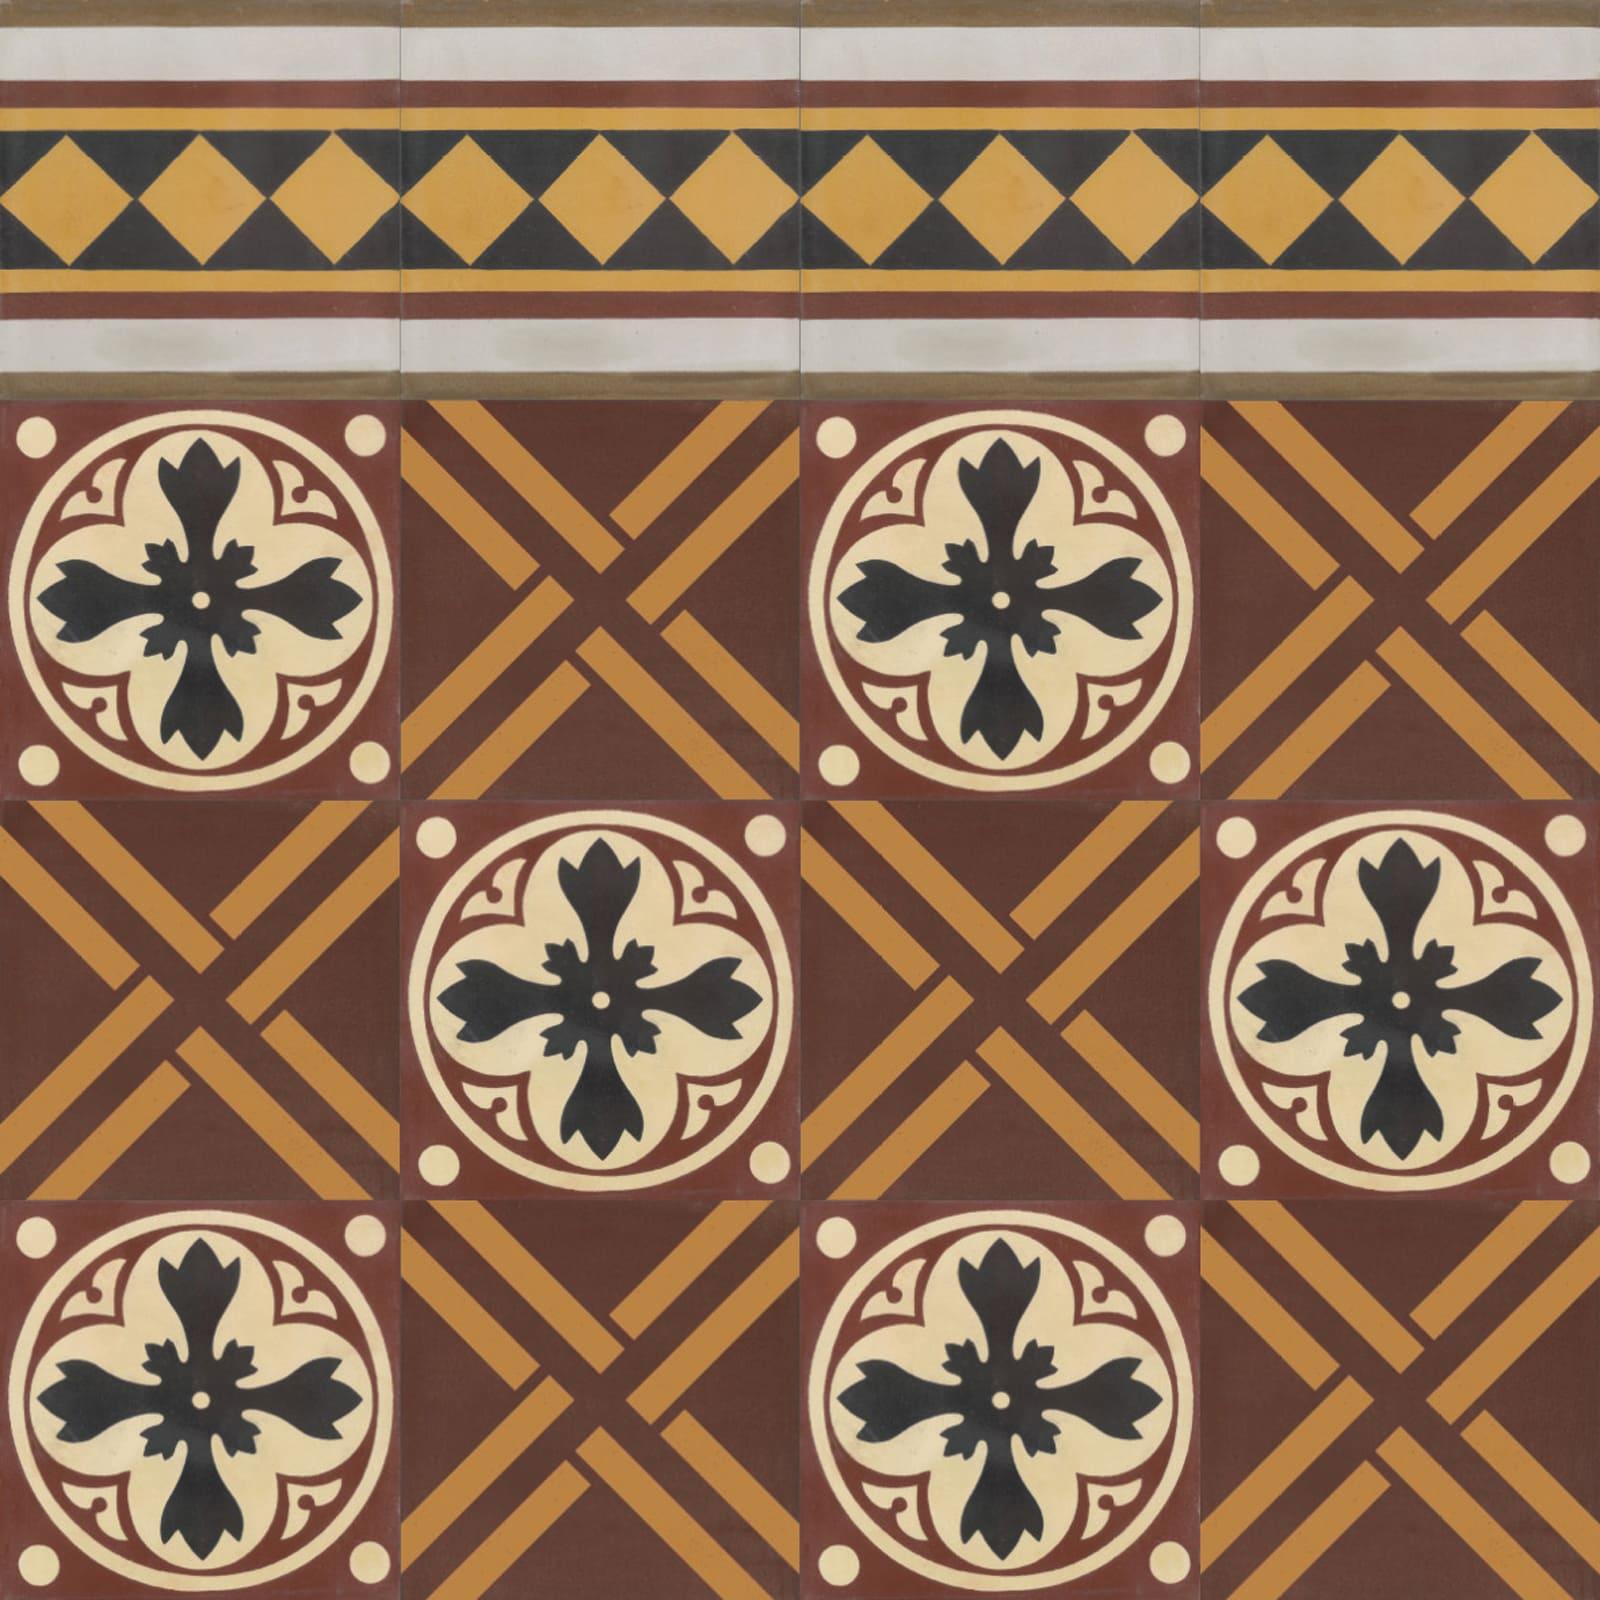 VIA-Zementmosaikplatten-nummer-51069-verlegemuster-VIA-GmbH | 51069/169